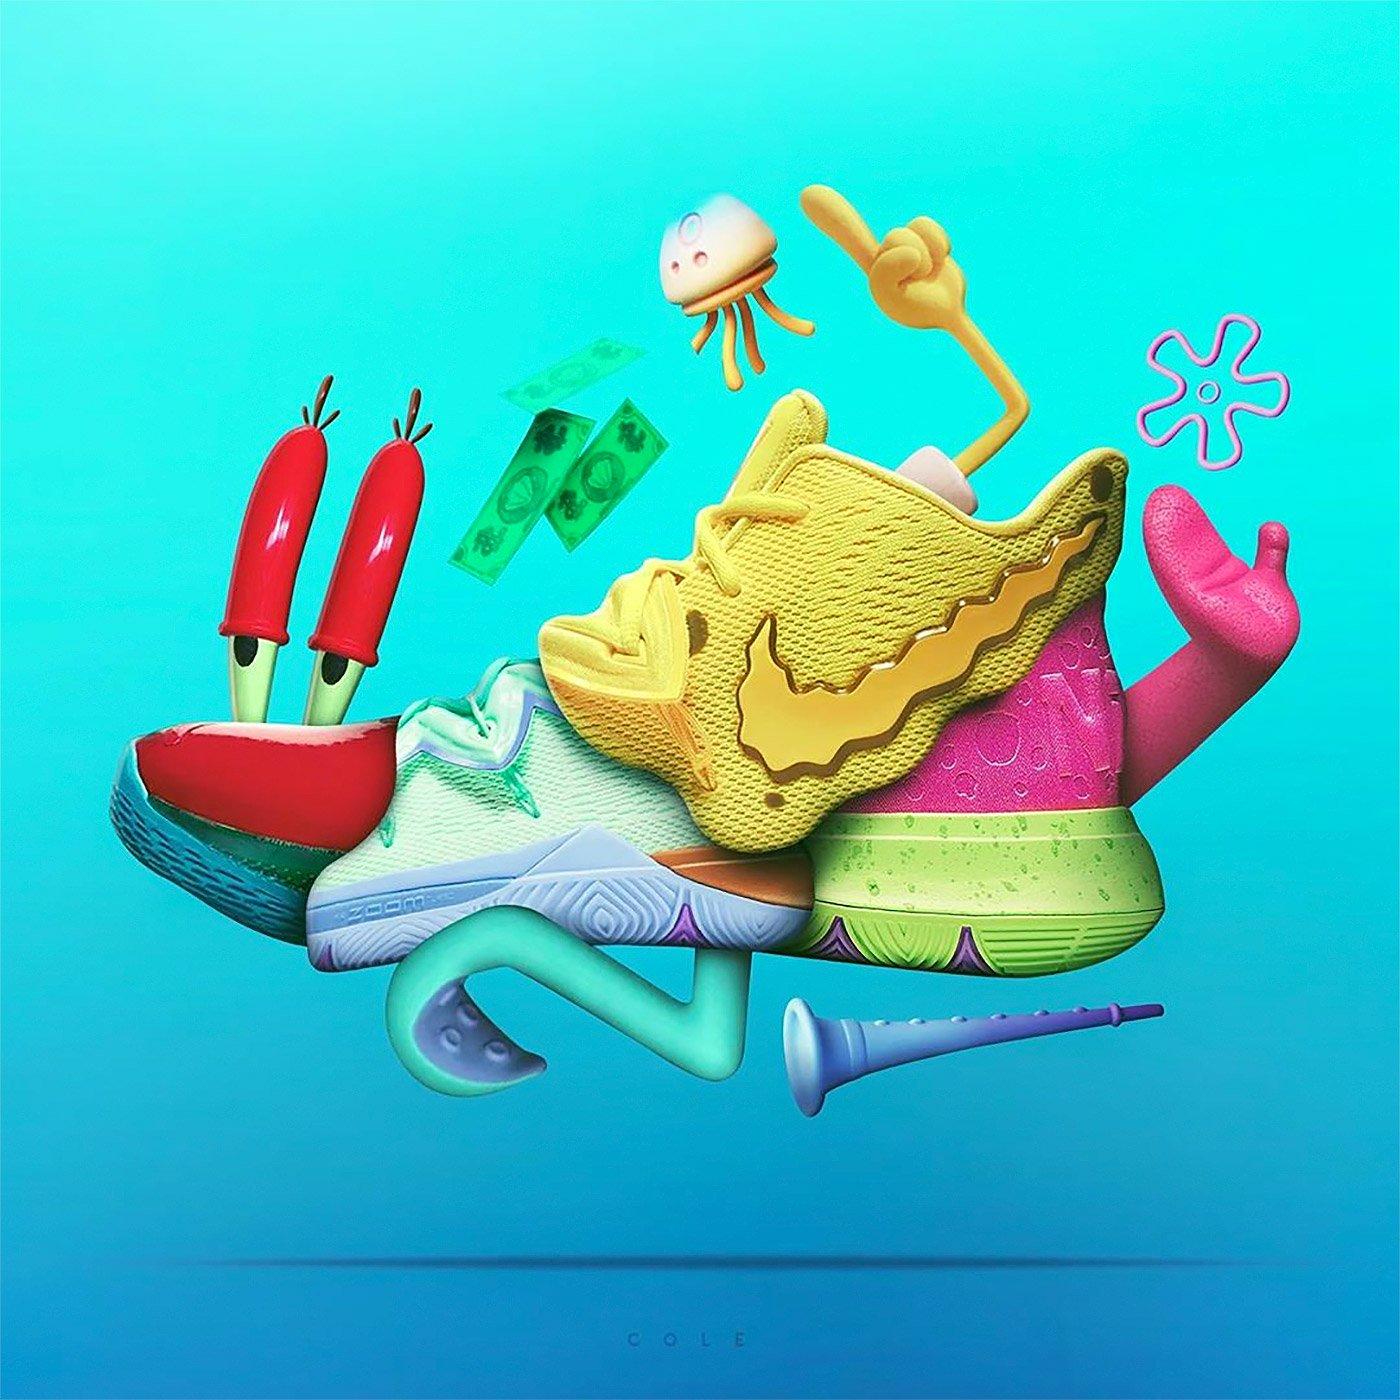 Jeff Cole球鞋设计师:流行时尚混搭的球鞋主题设计